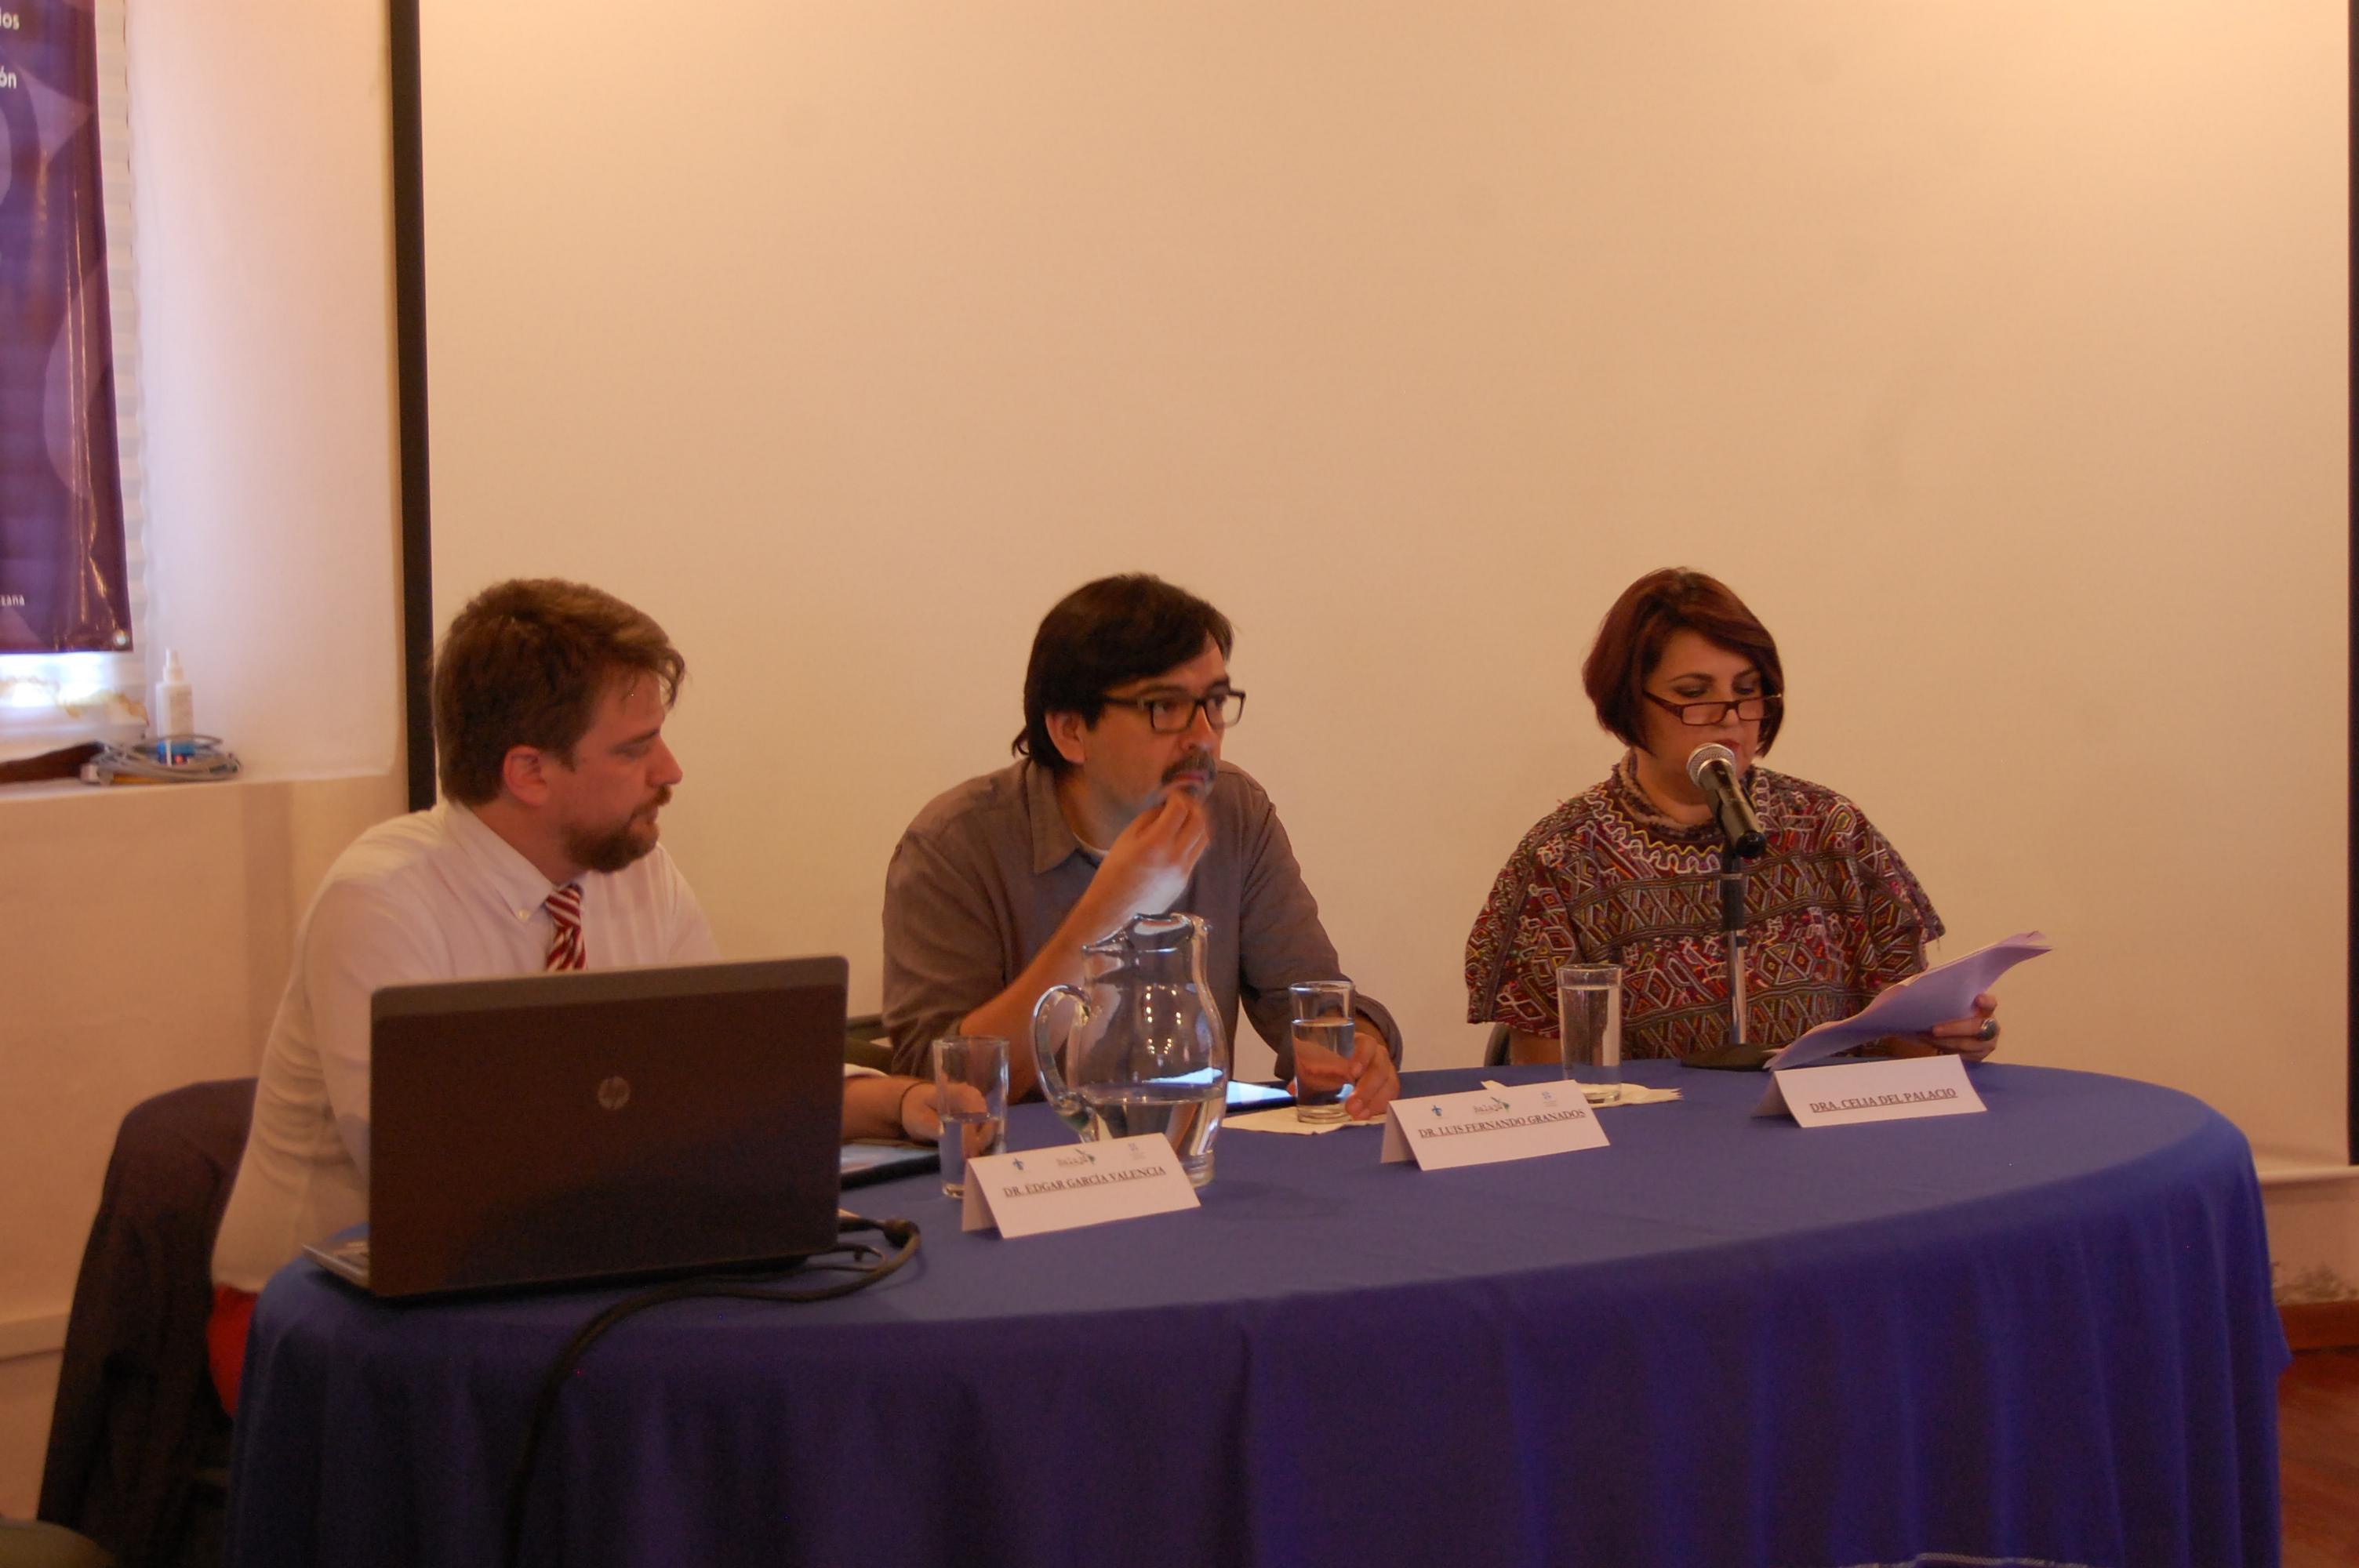 Presentadores de Balajú